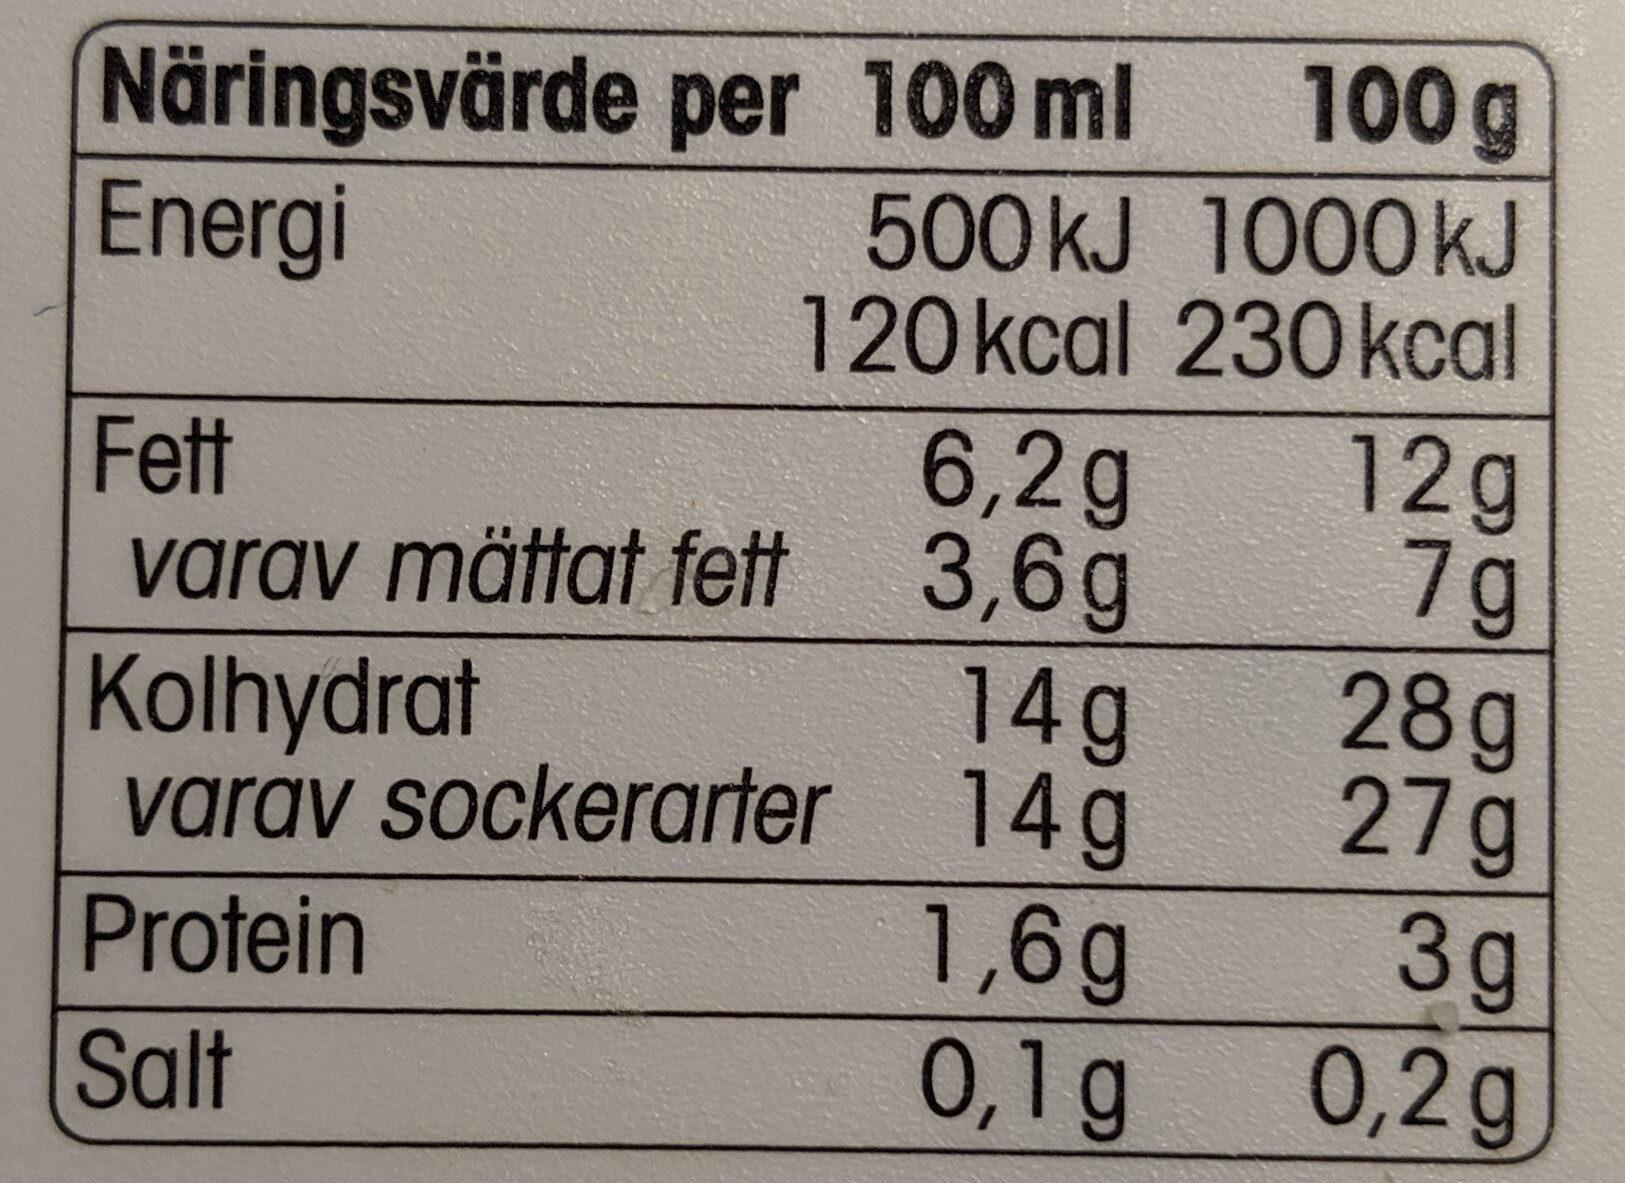 Gräddglass Knäck Choklad - Nutrition facts